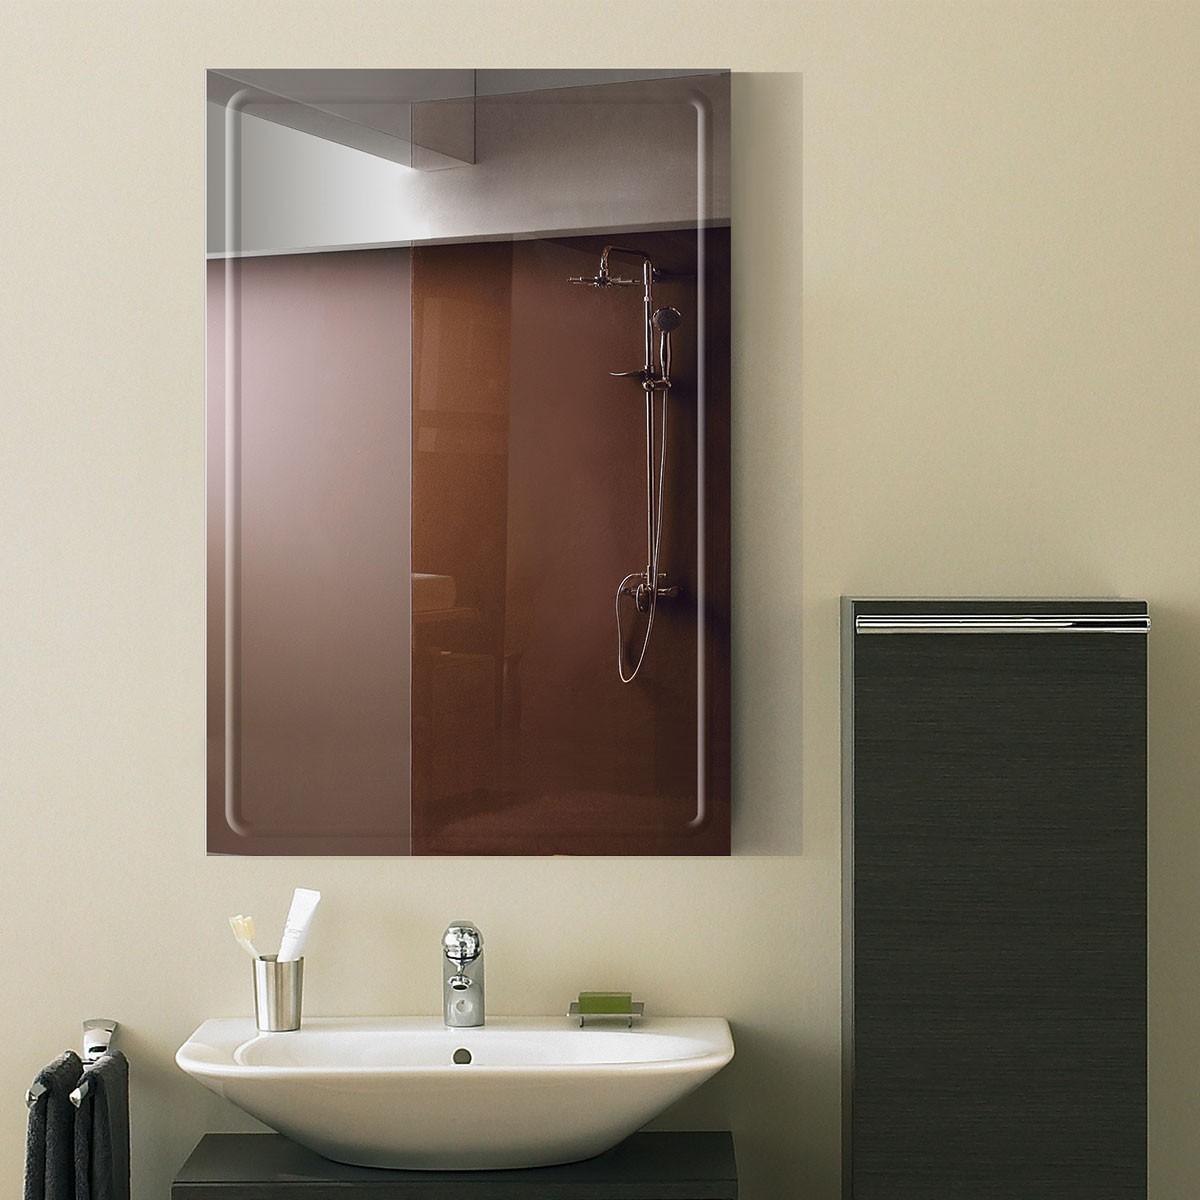 24 x 36 po Miroir Mural Salle de Bain Classique Rectangulaire sans Cadre - Accrochage Vertical (DK-OD-B048A)